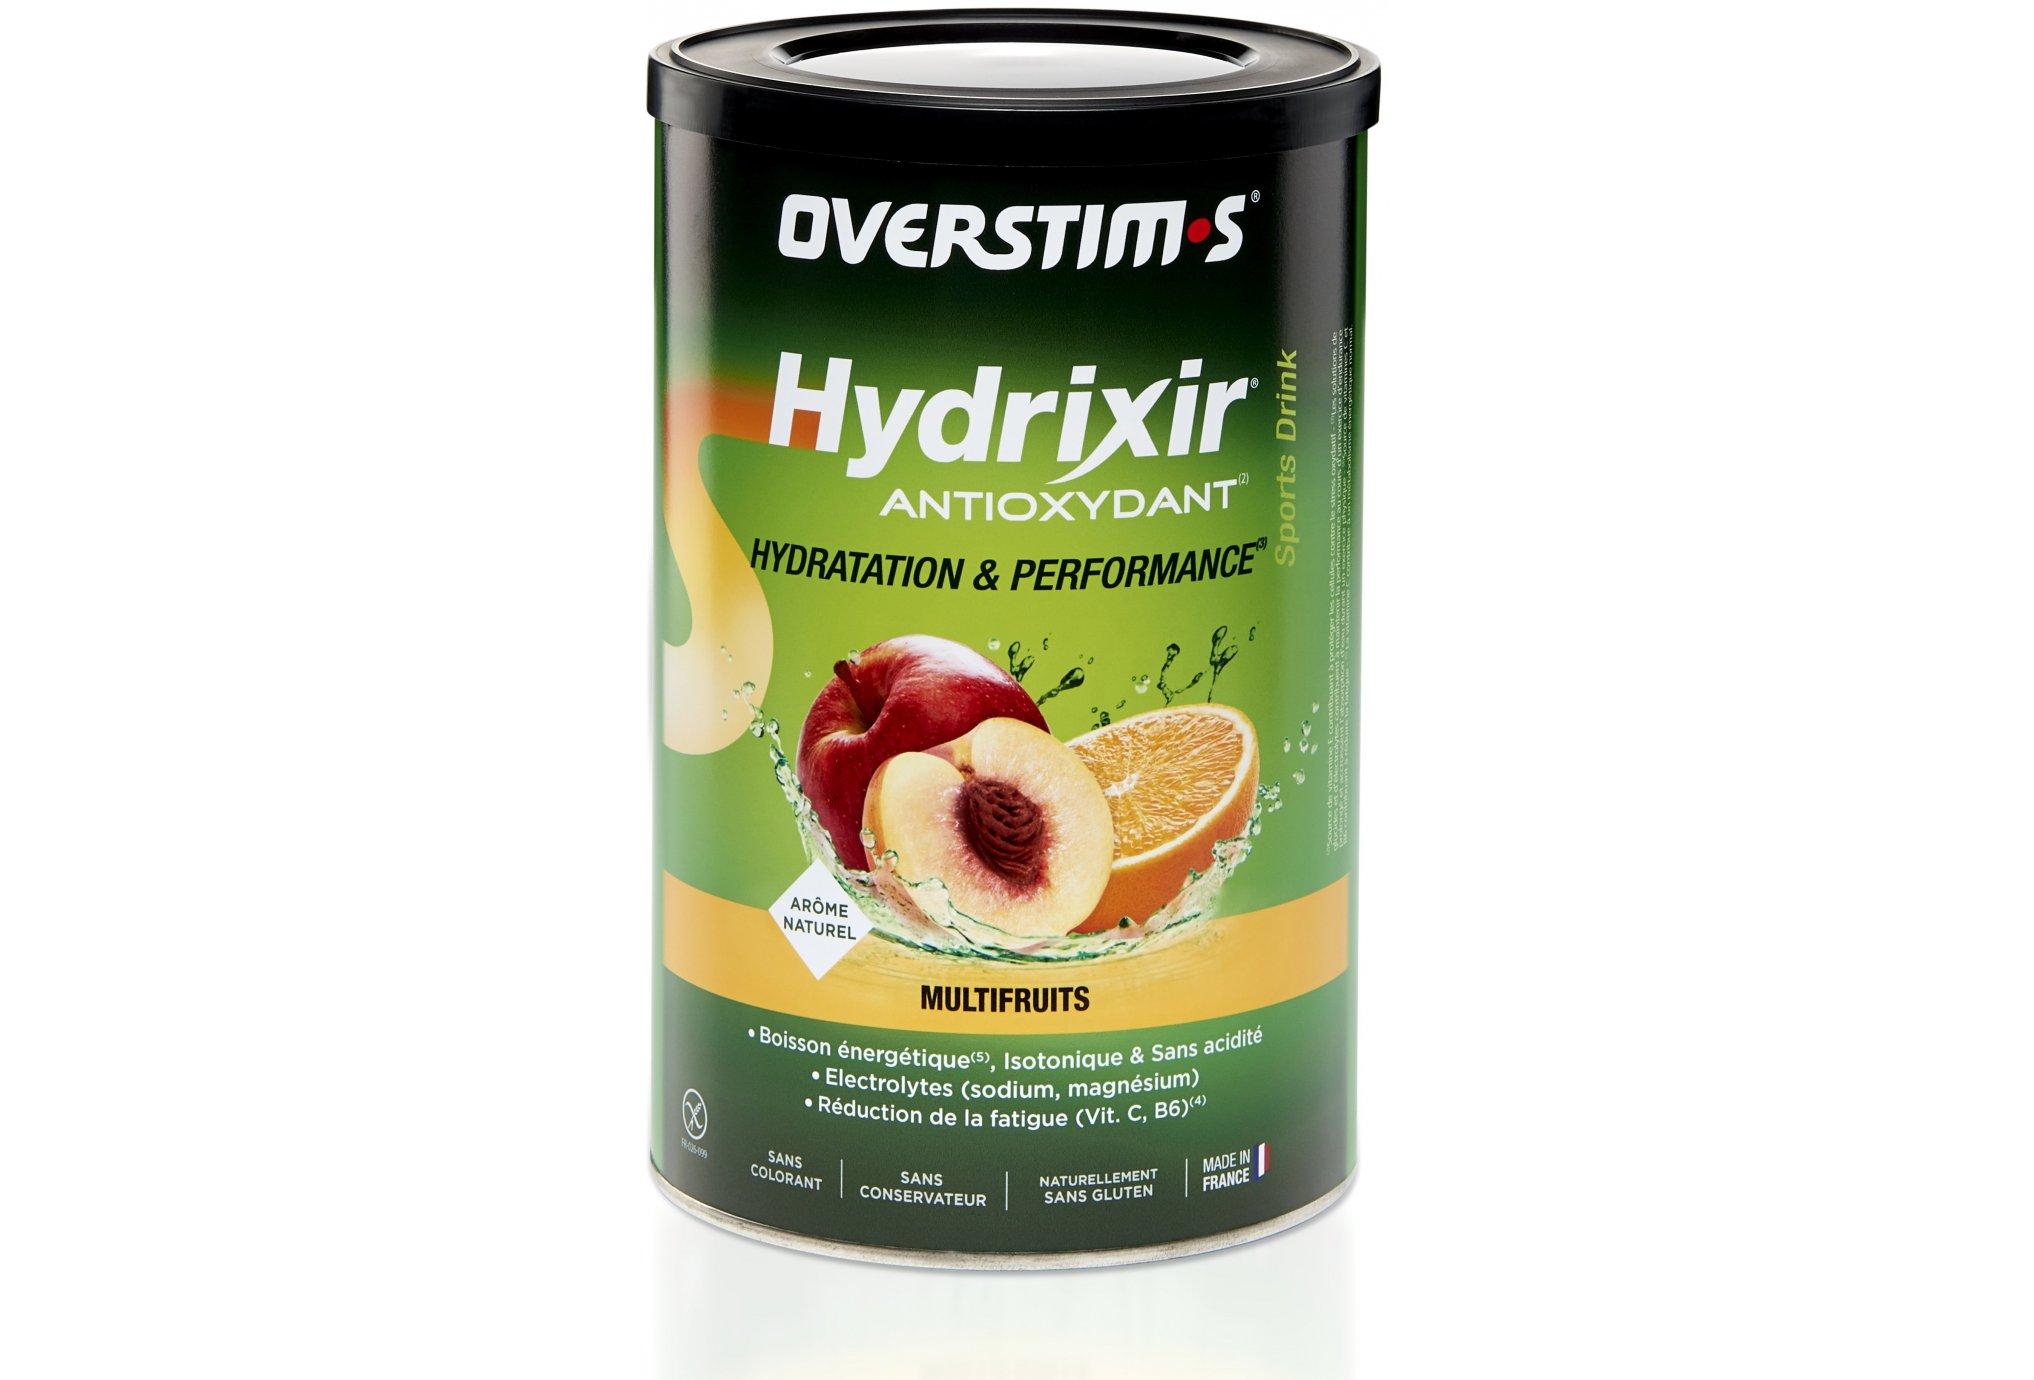 OVERSTIMS Hydrixir 600g - Multifruits Diététique Boissons